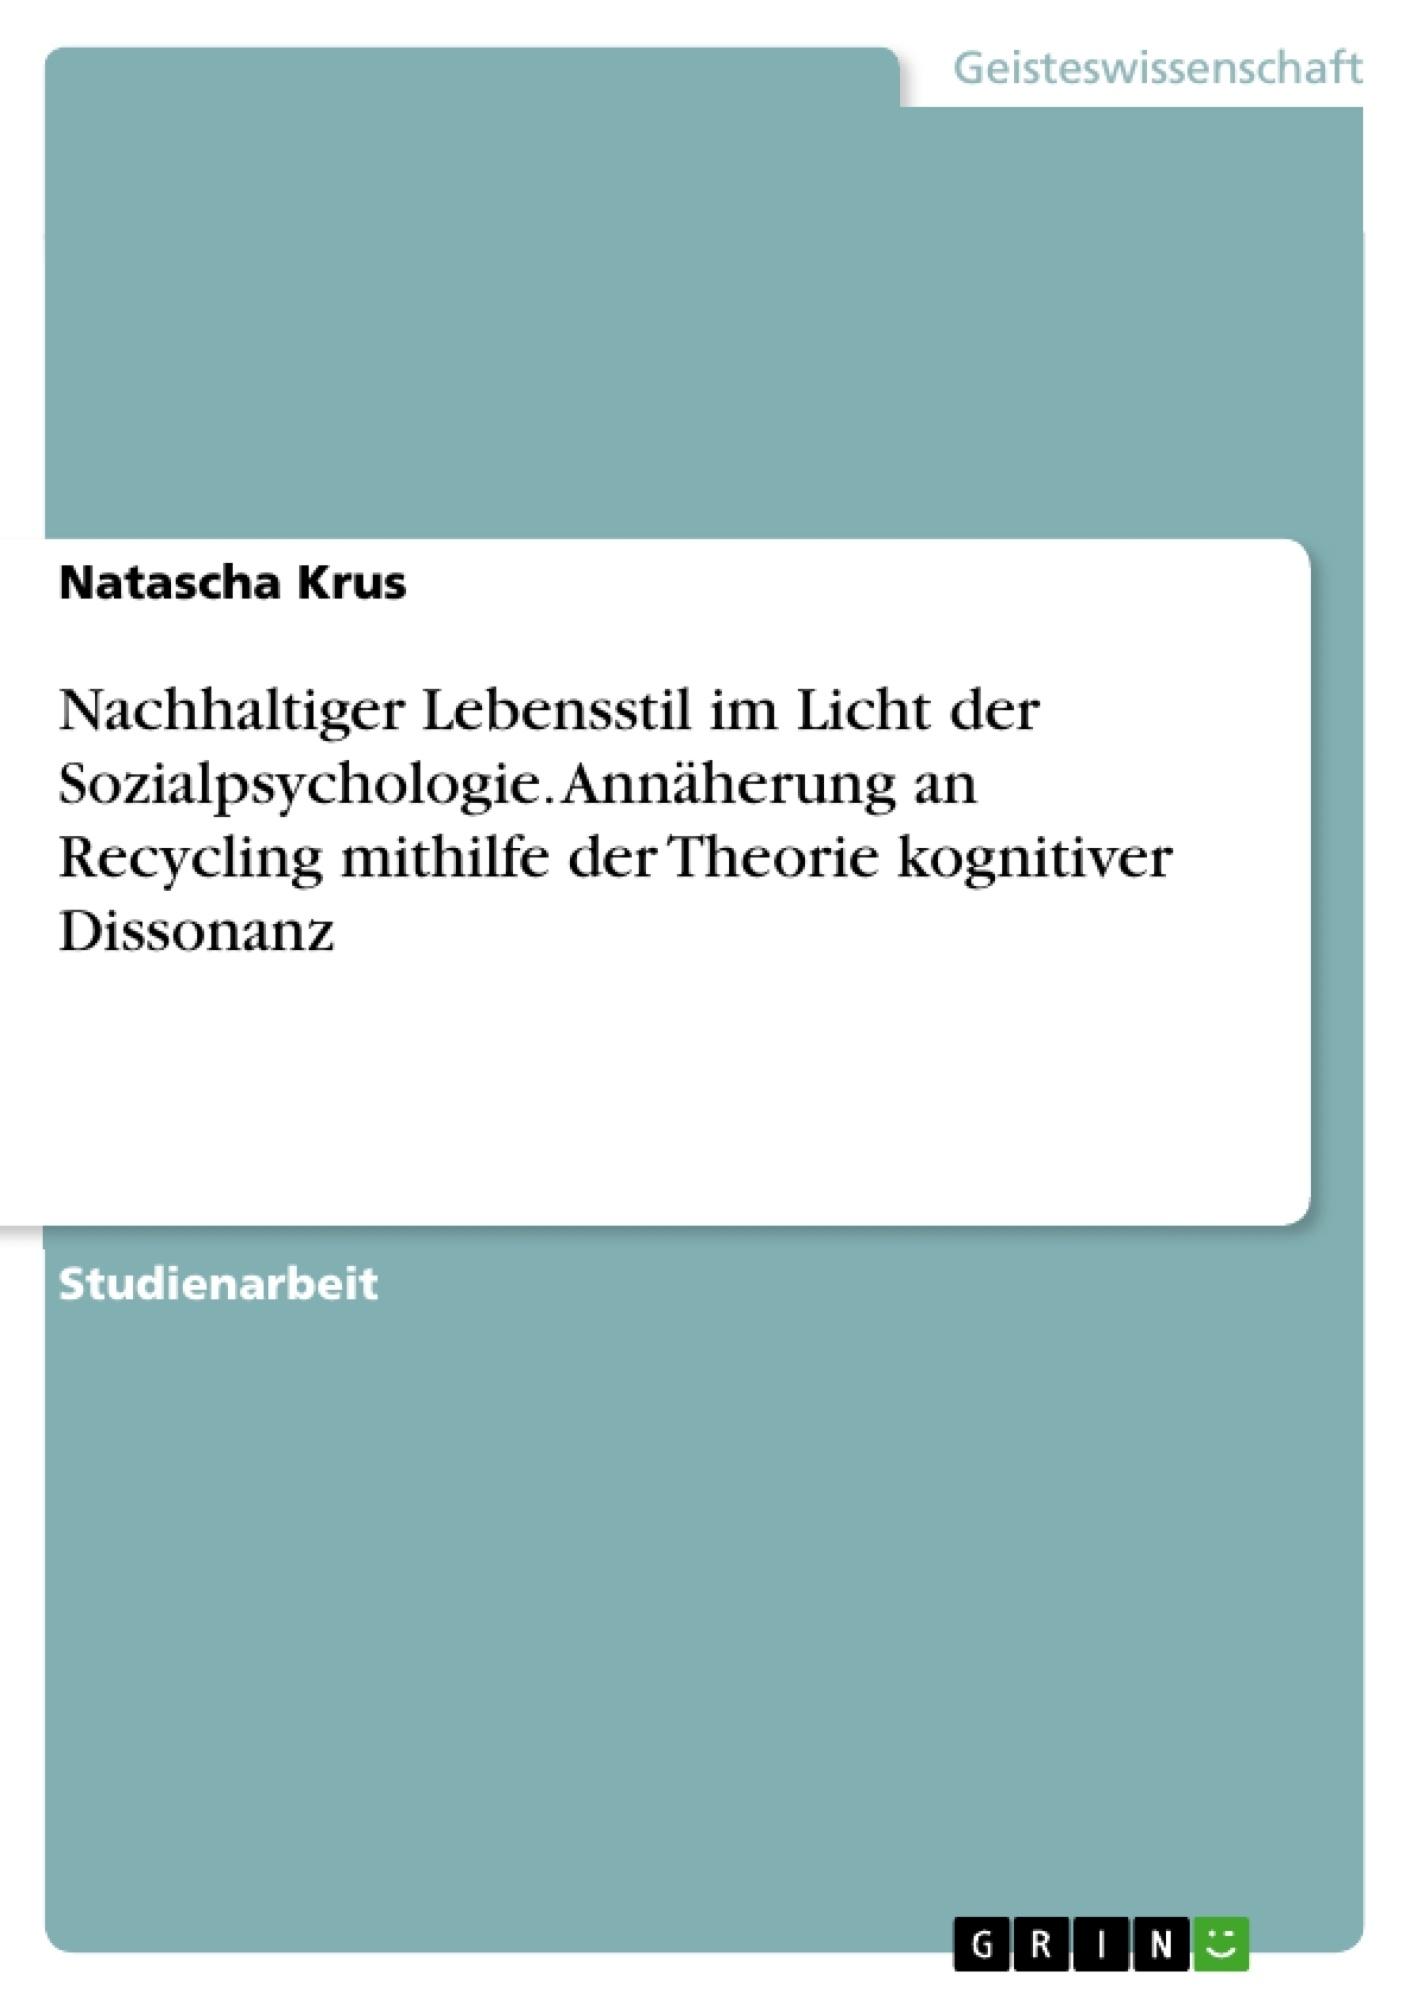 Titel: Nachhaltiger Lebensstil im Licht der Sozialpsychologie. Annäherung an Recycling mithilfe der Theorie kognitiver Dissonanz